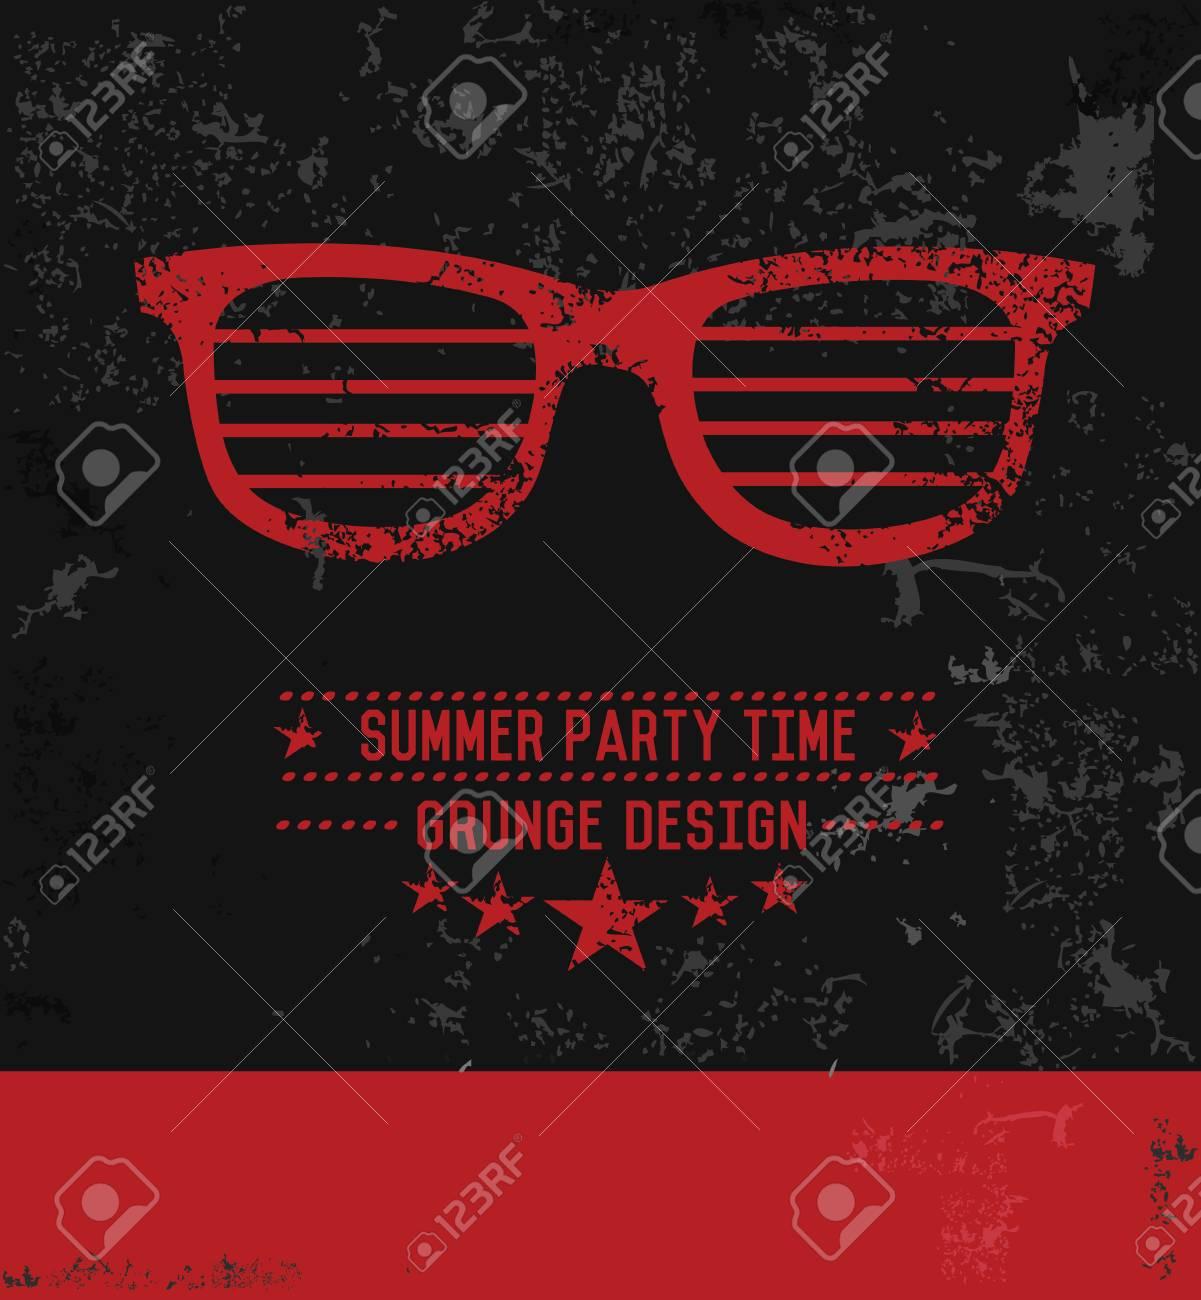 Glasses Symbol Grunge Designvector